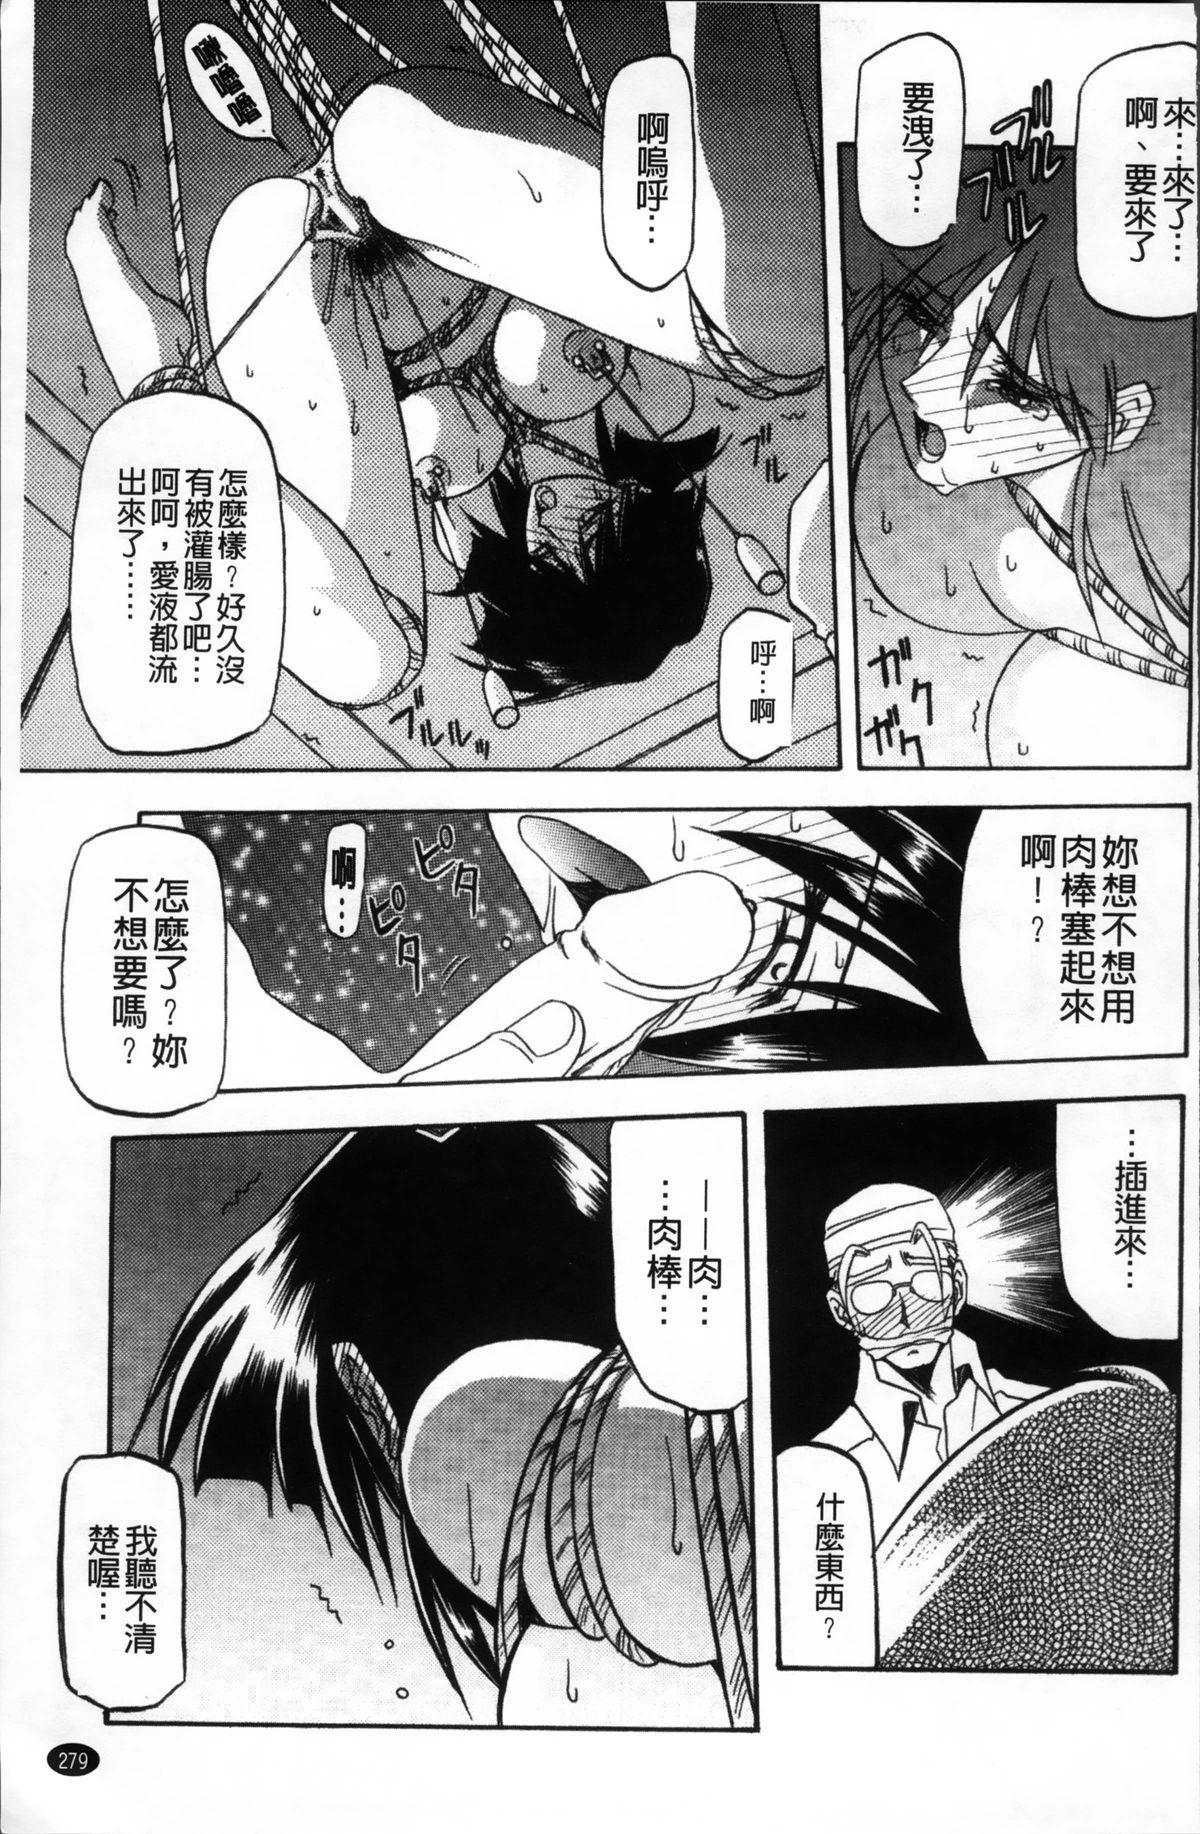 Hiiro no Koku Kanzenban   緋色之刻 完全版 282